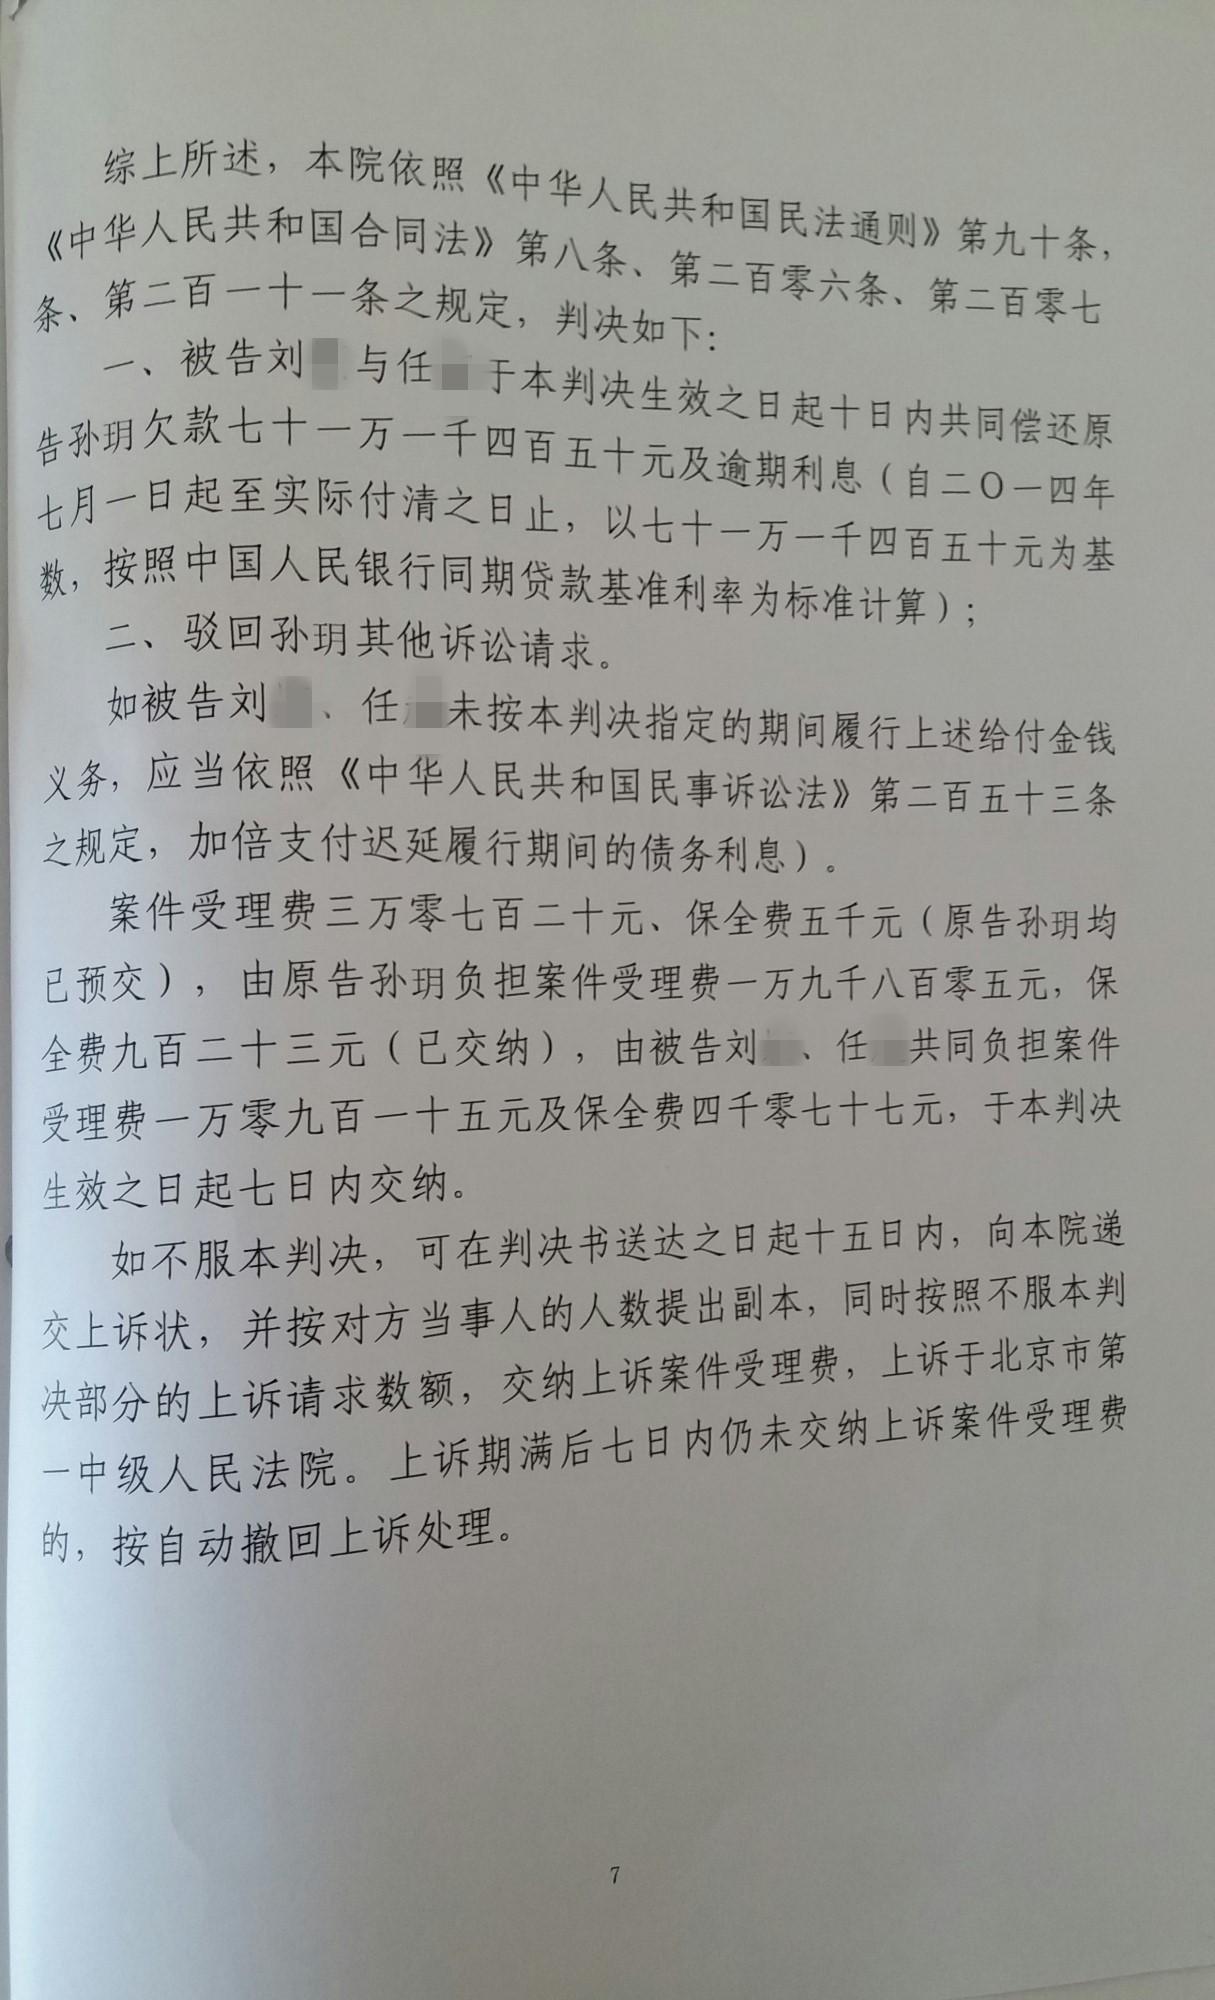 刘某民间借贷纠纷案案例